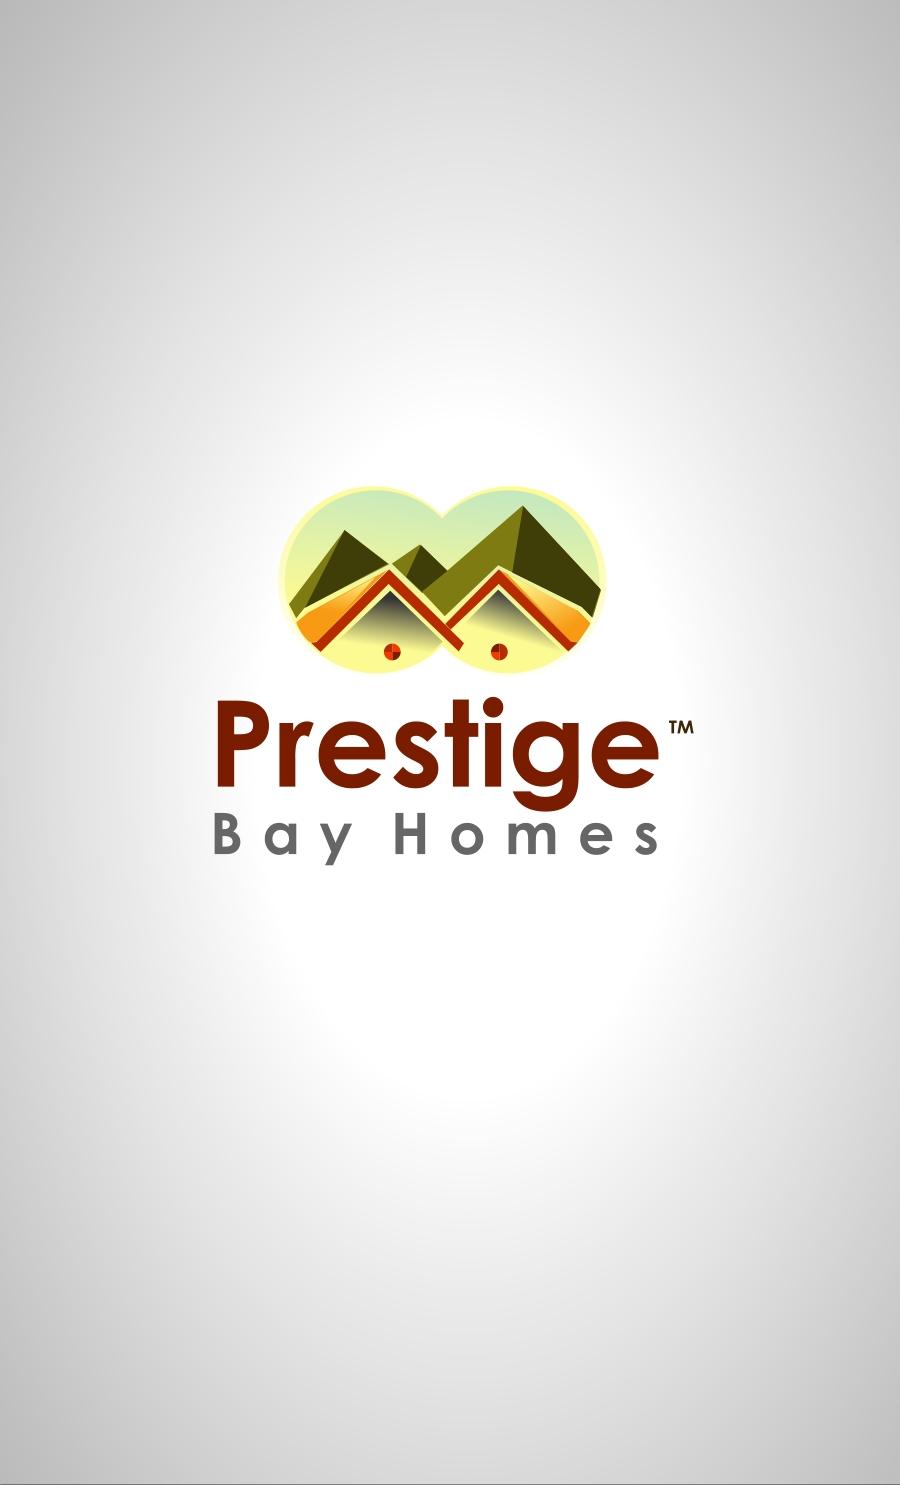 Logo Design by Private User - Entry No. 156 in the Logo Design Contest Imaginative Logo Design for Prestige Bay Homes.